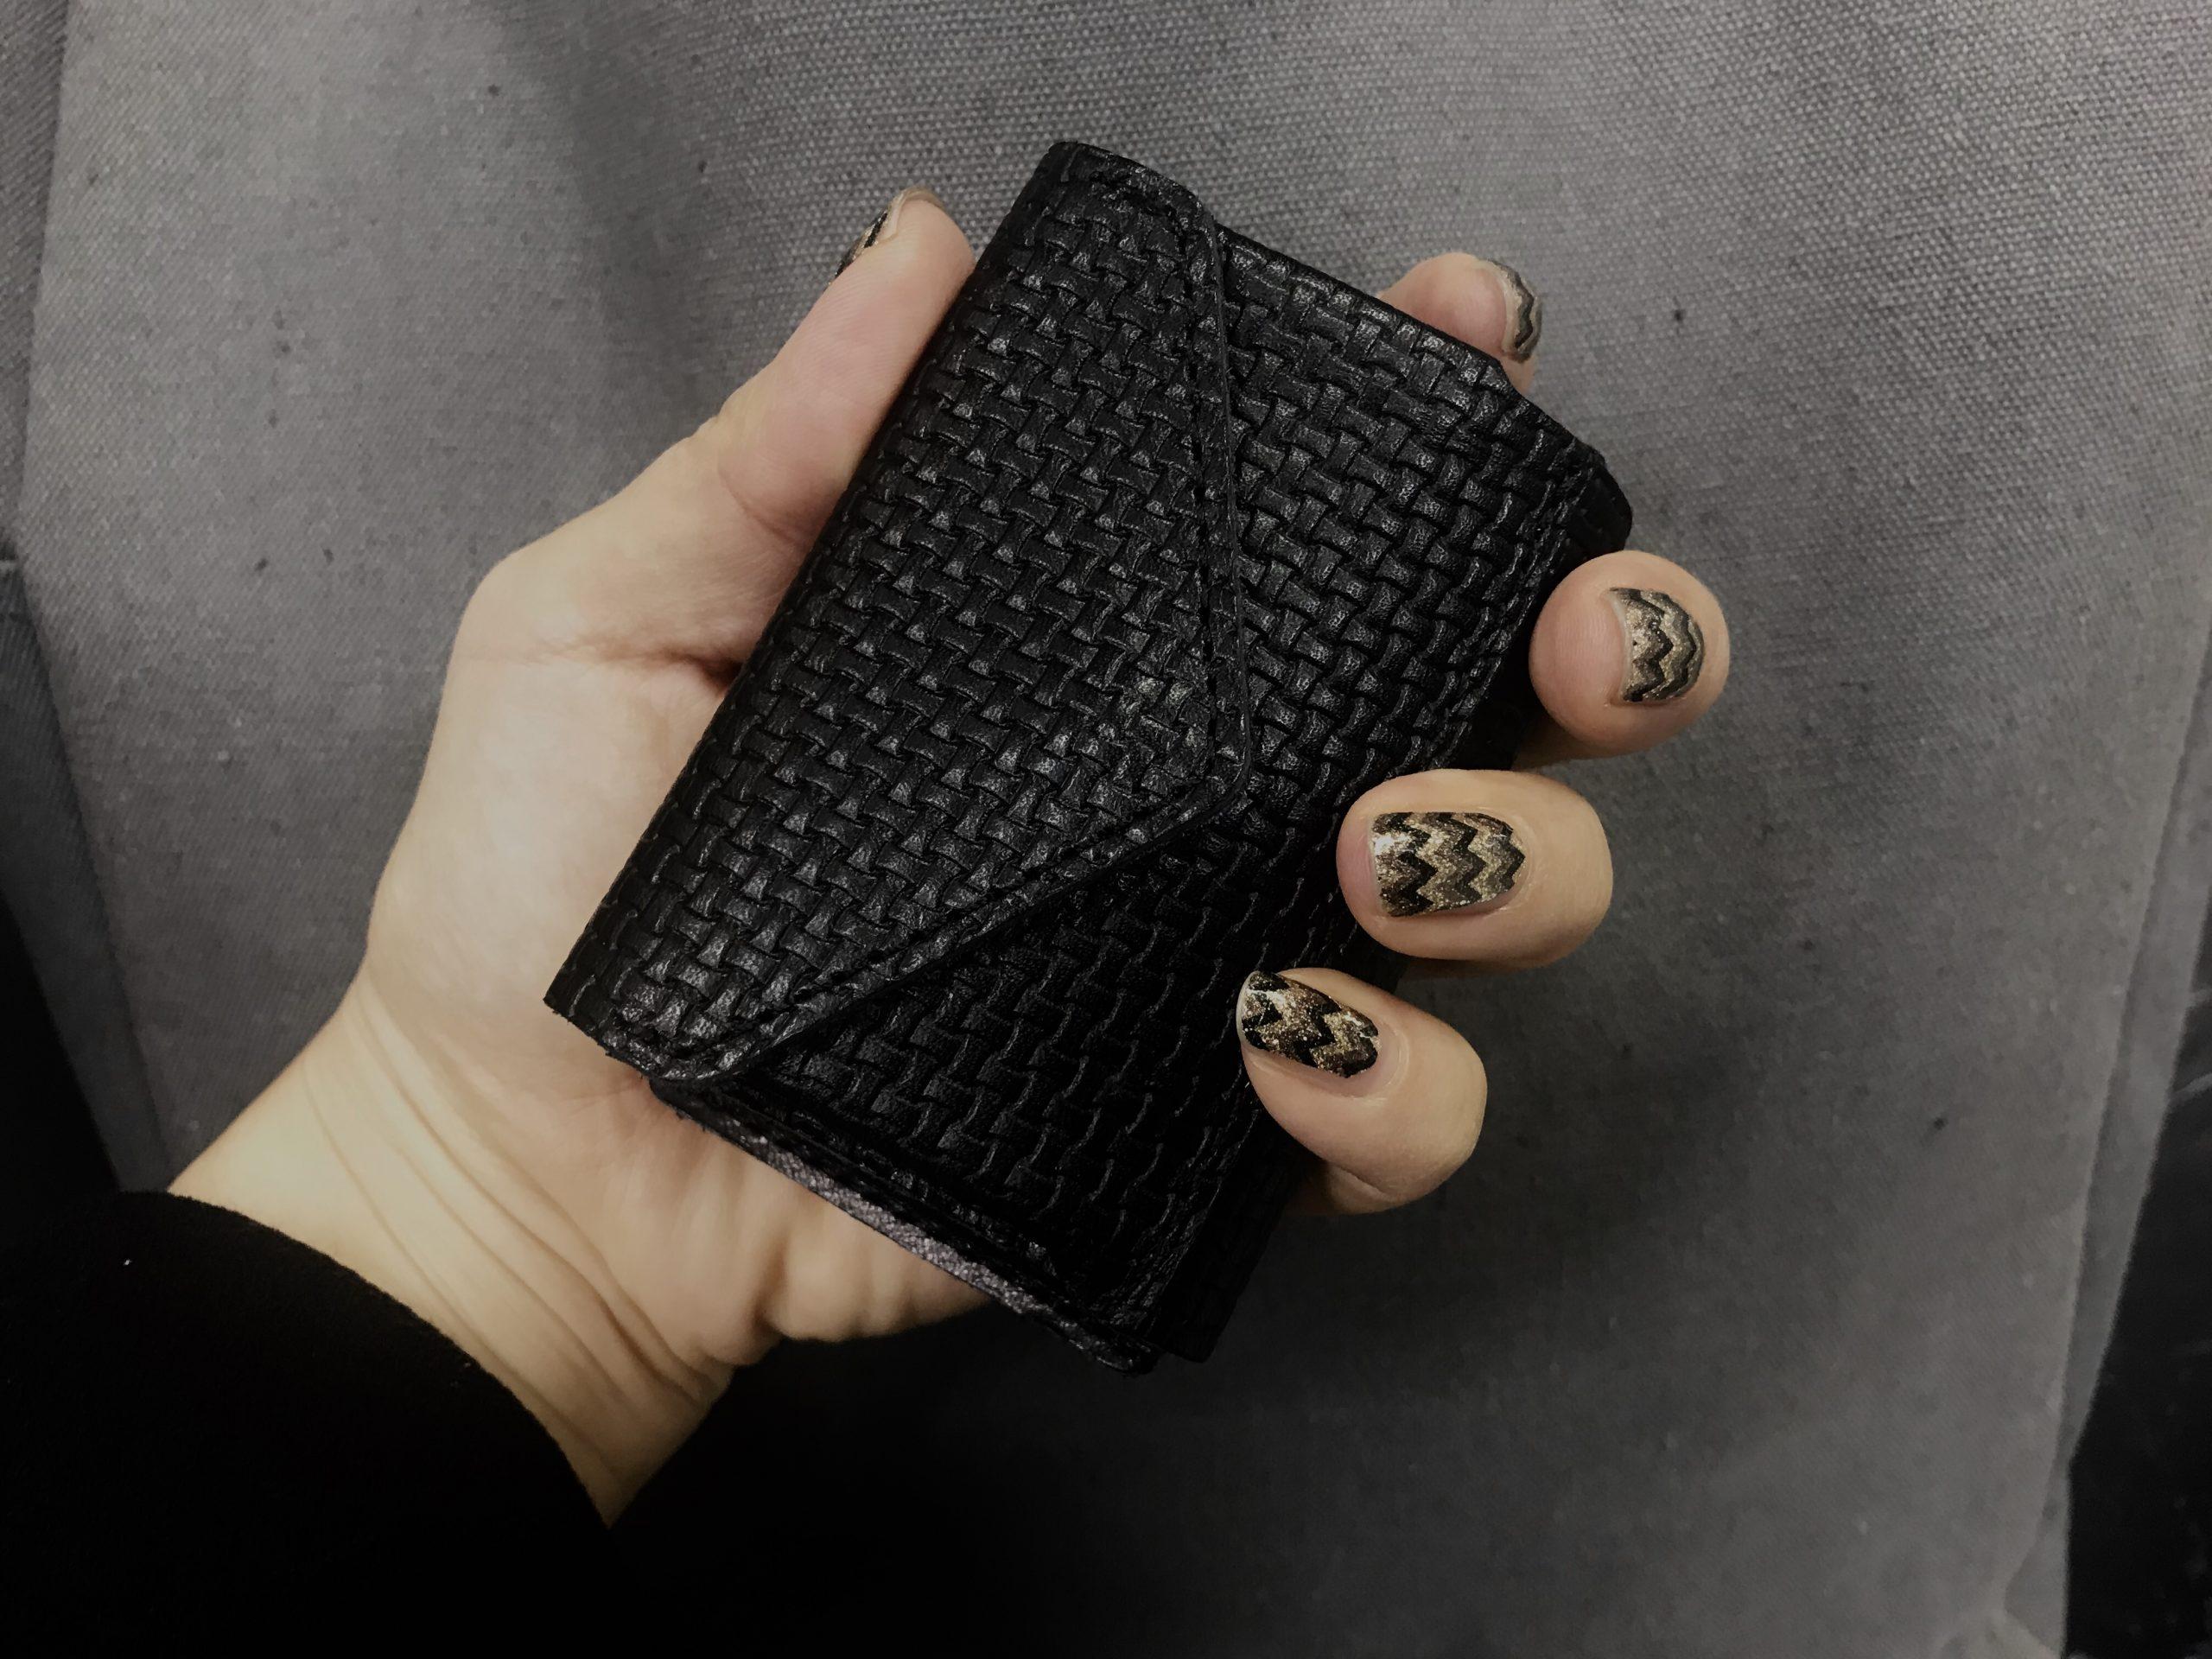 長財布からミニ財布に乗り換えたら超良かった